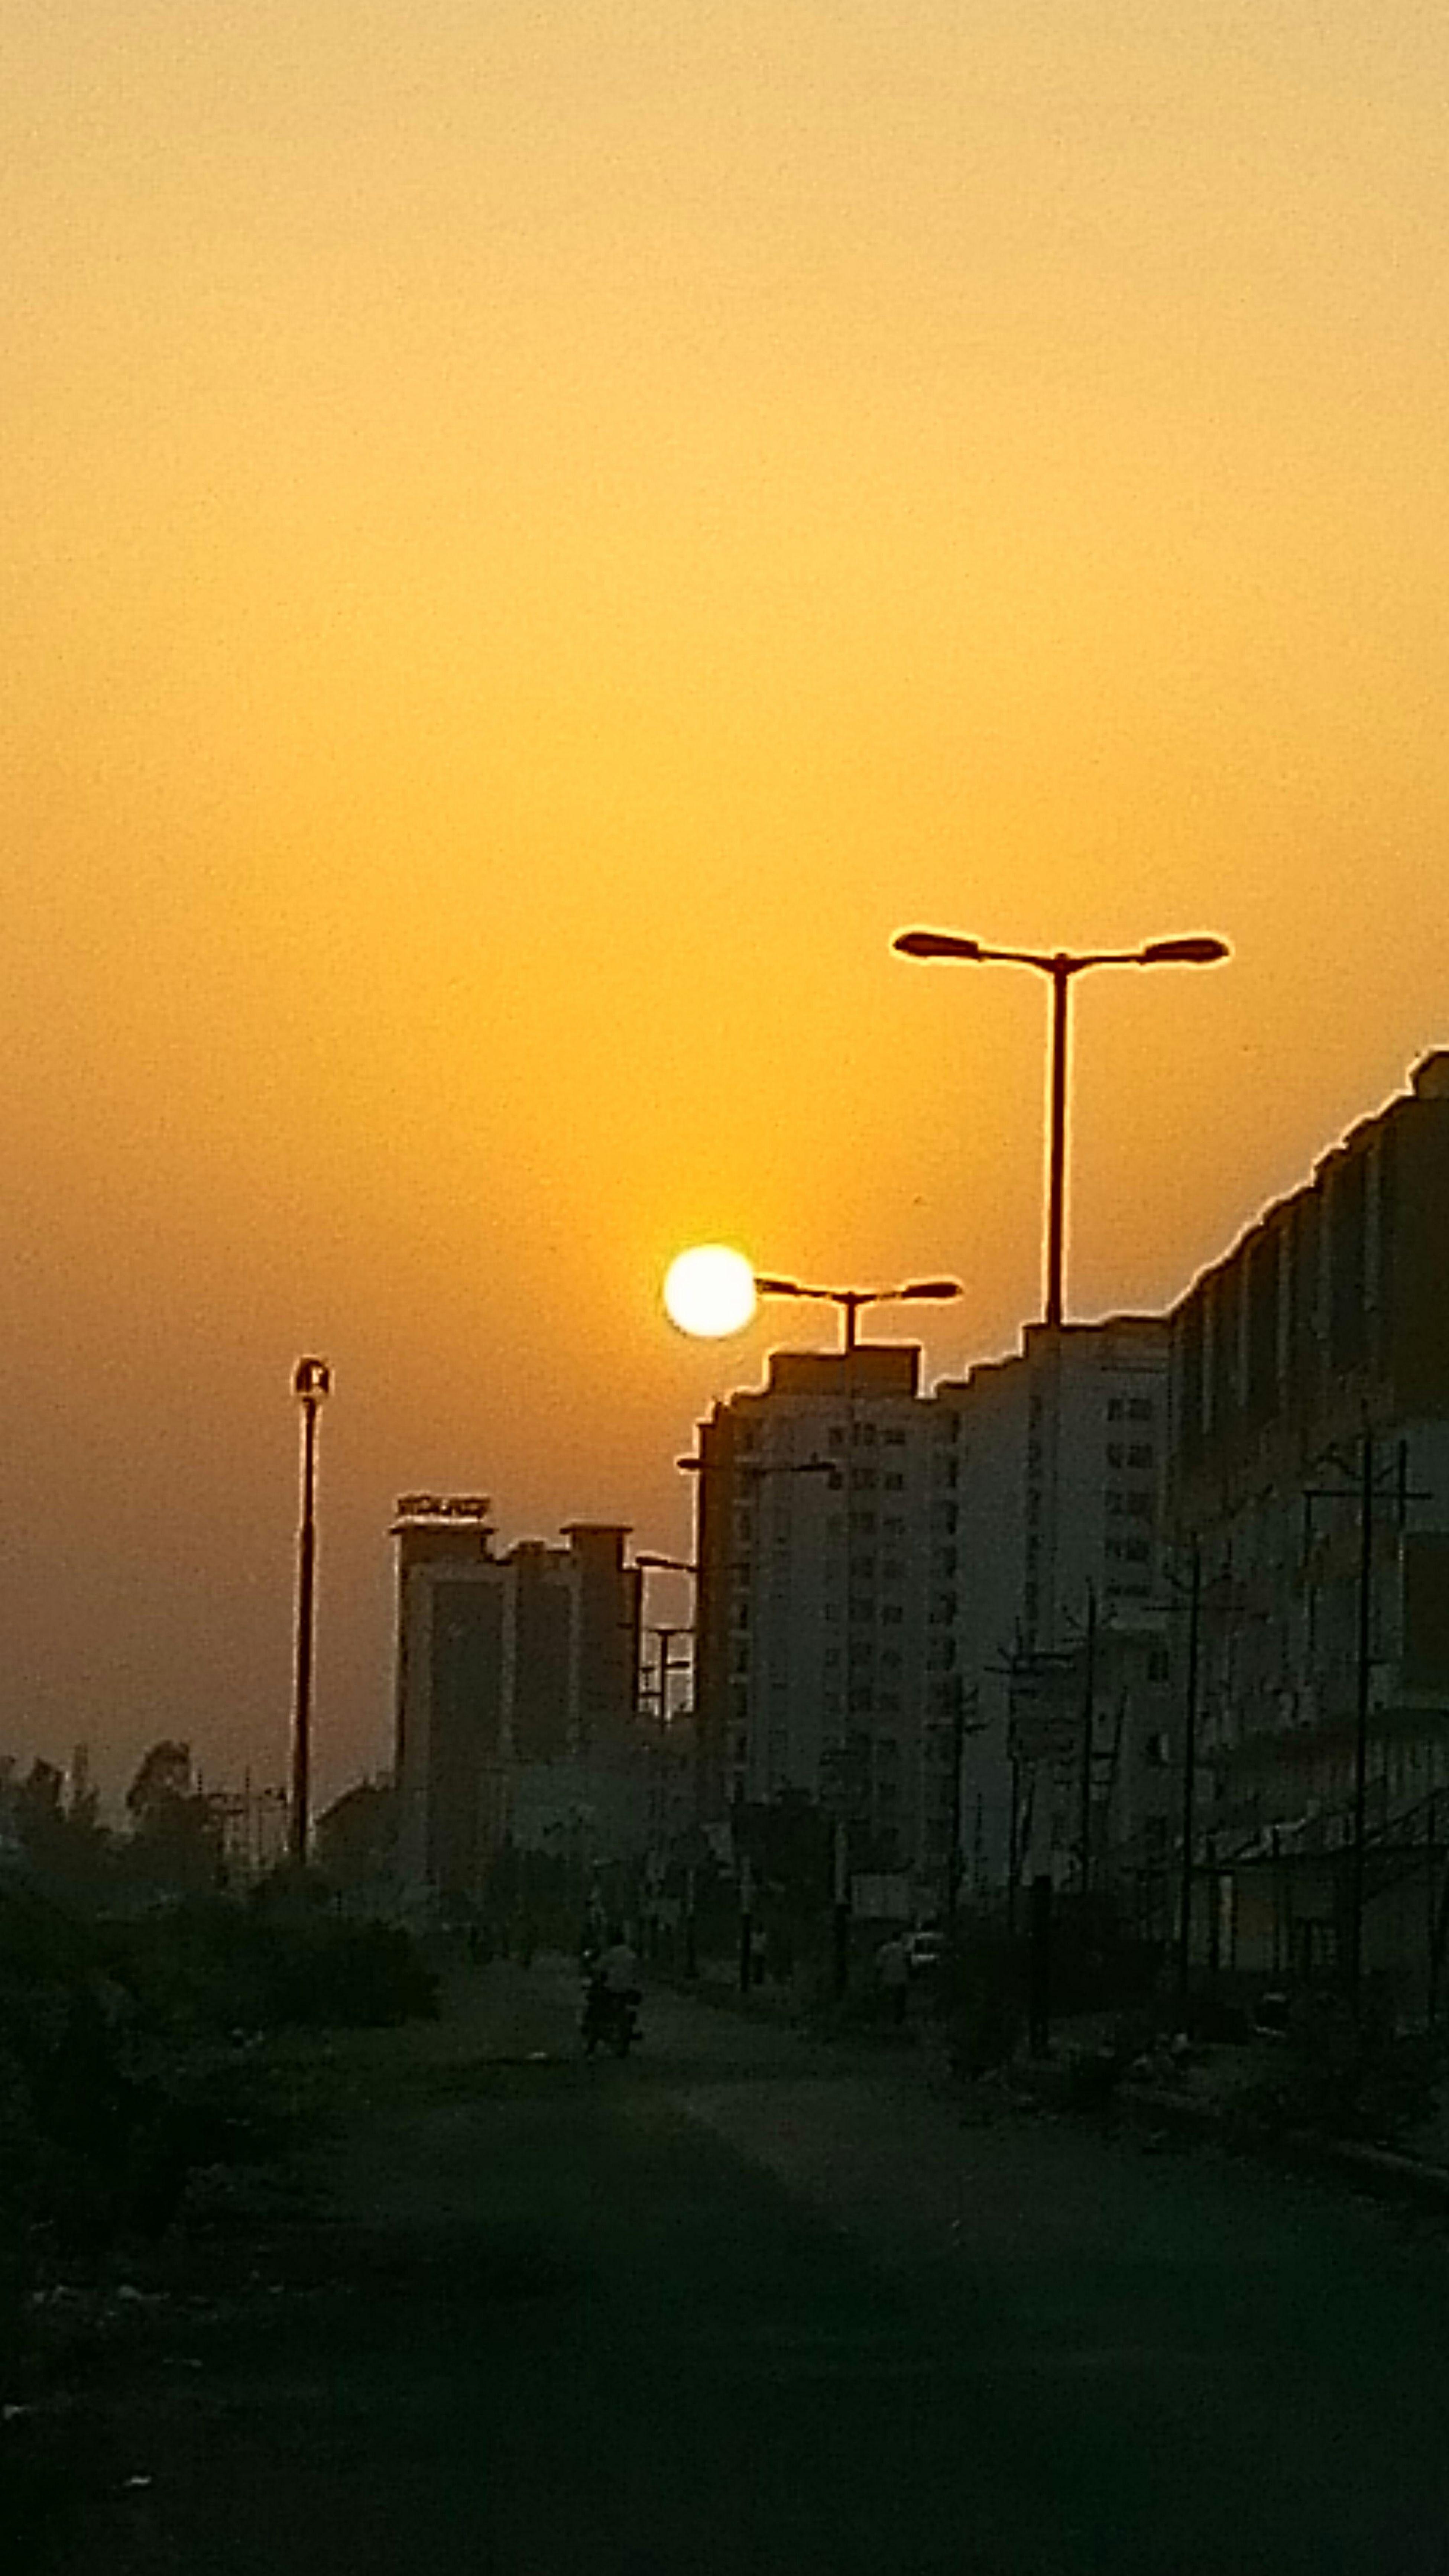 Beautiful Sunset by LAVA IRIS X8 taken by Nitinshrimali